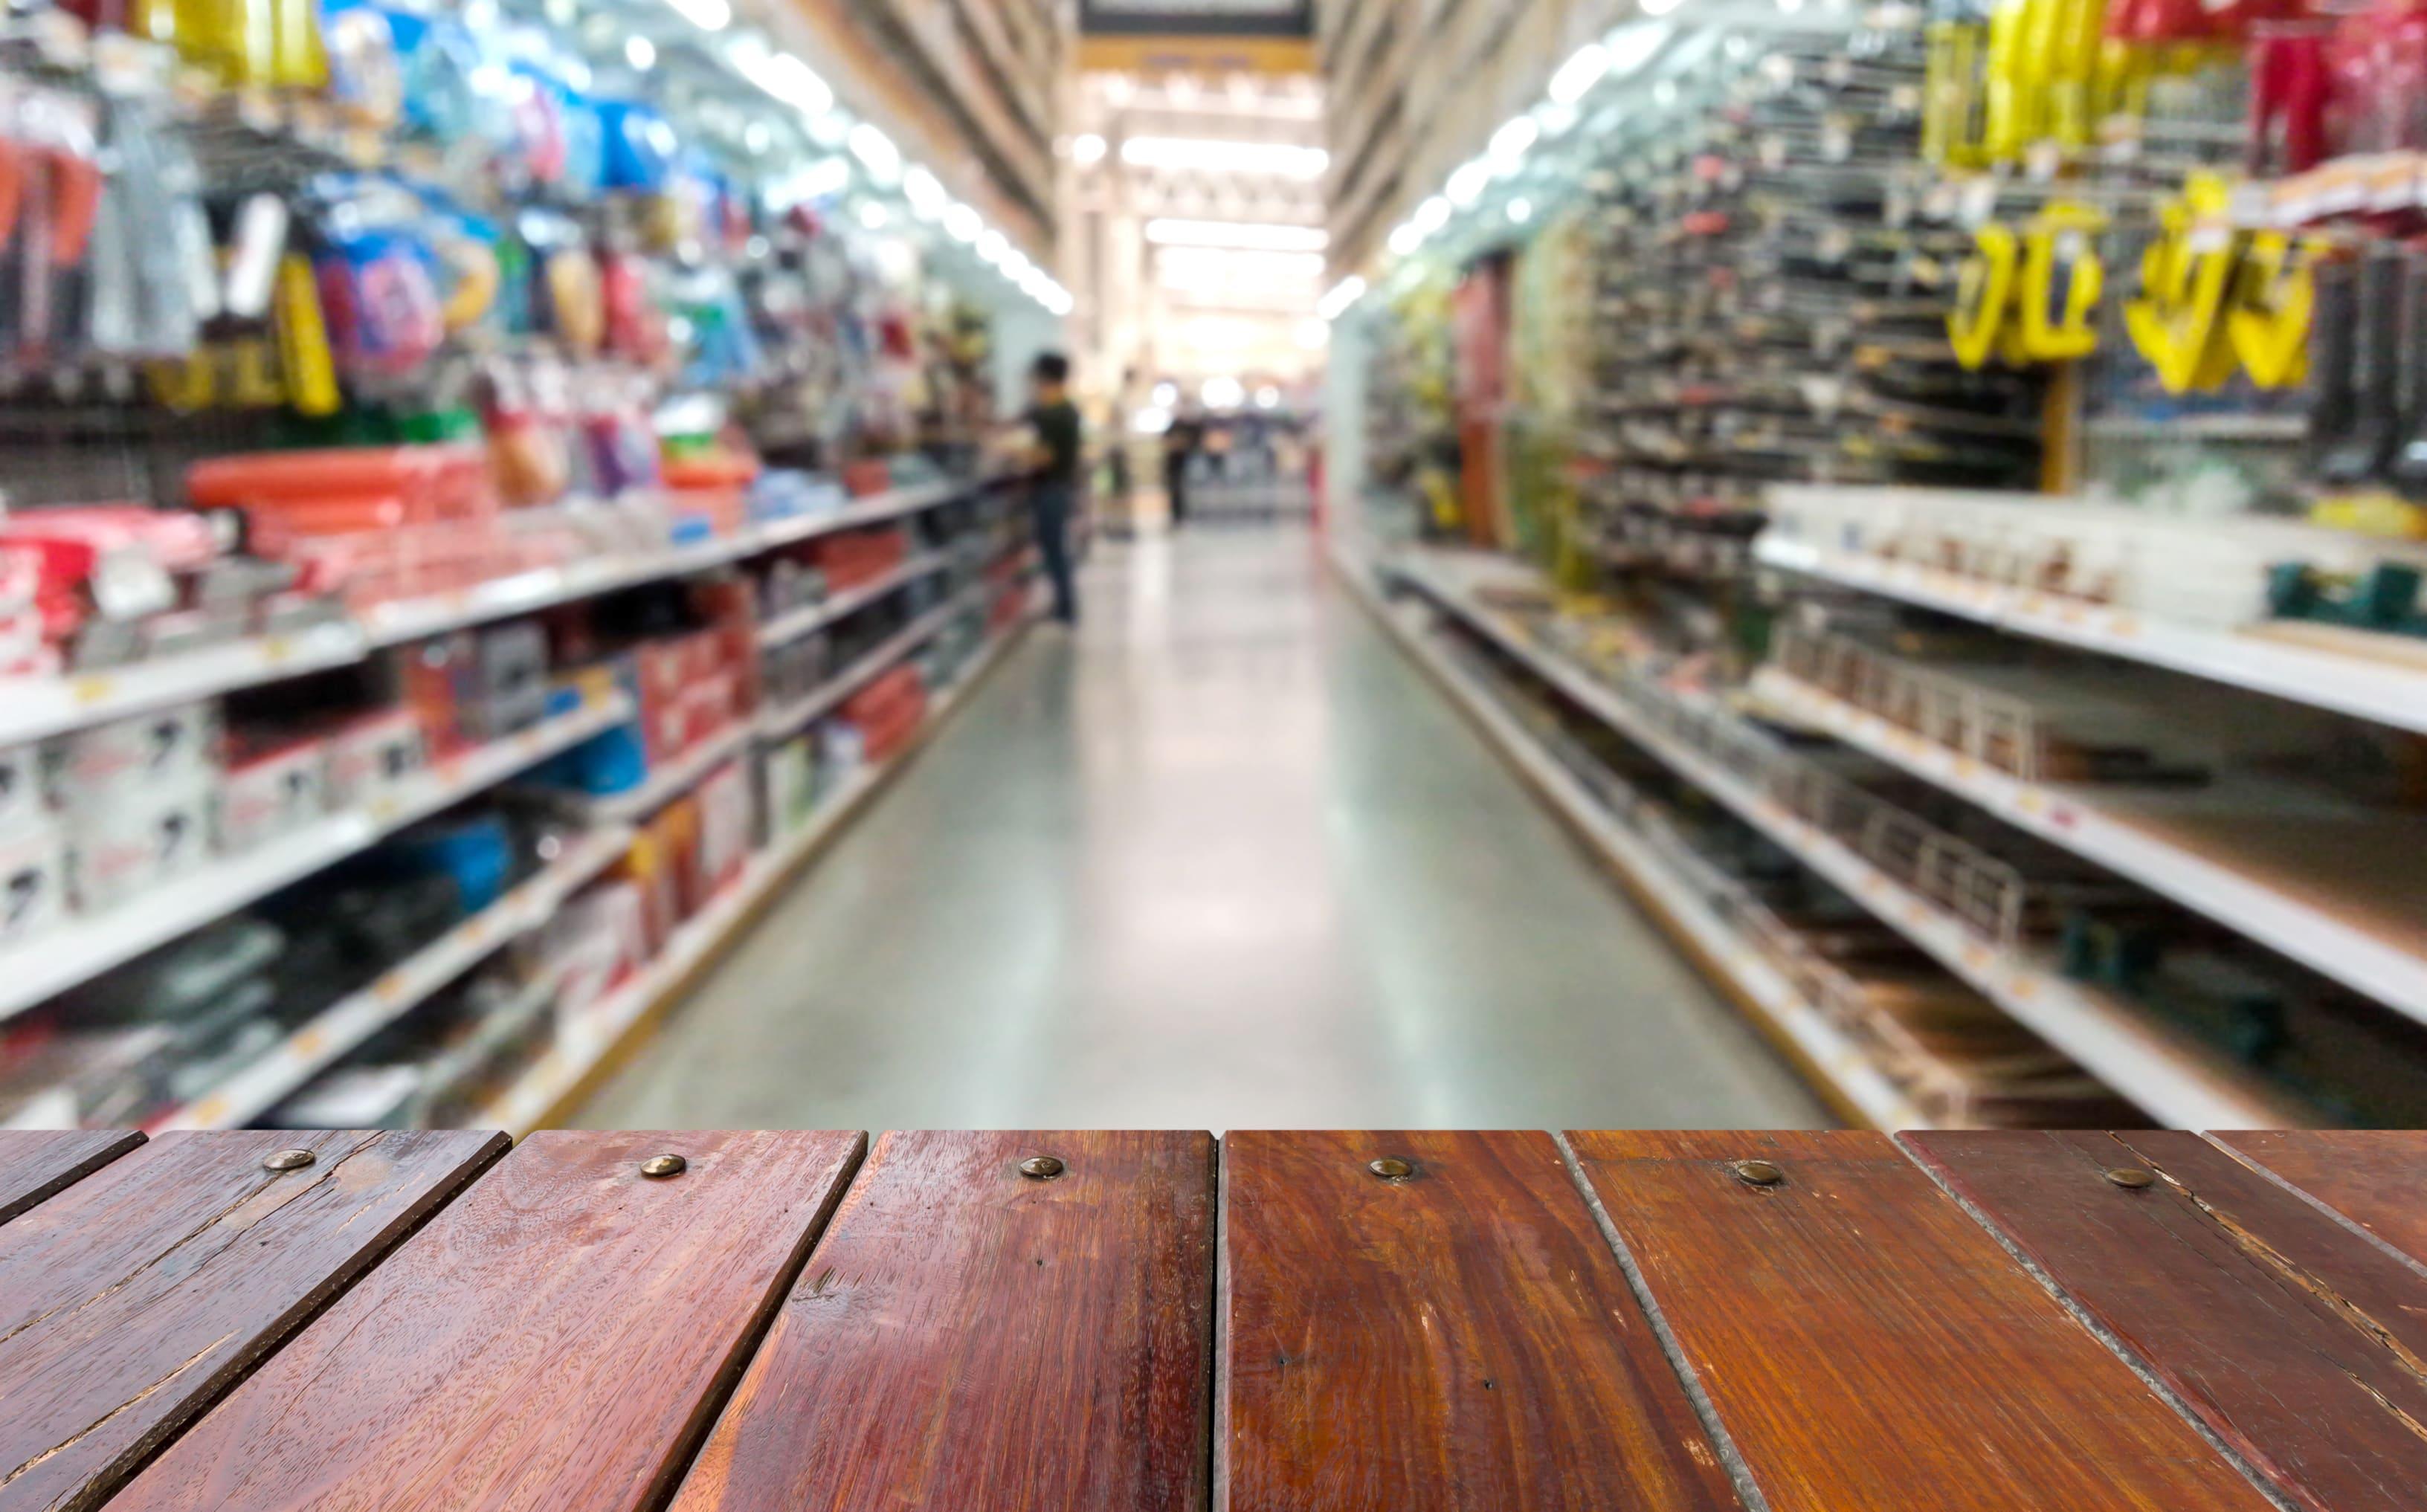 Imagem de uma loja para inspirar o empreendedor que está pensando em abrir uma loja de material de construção